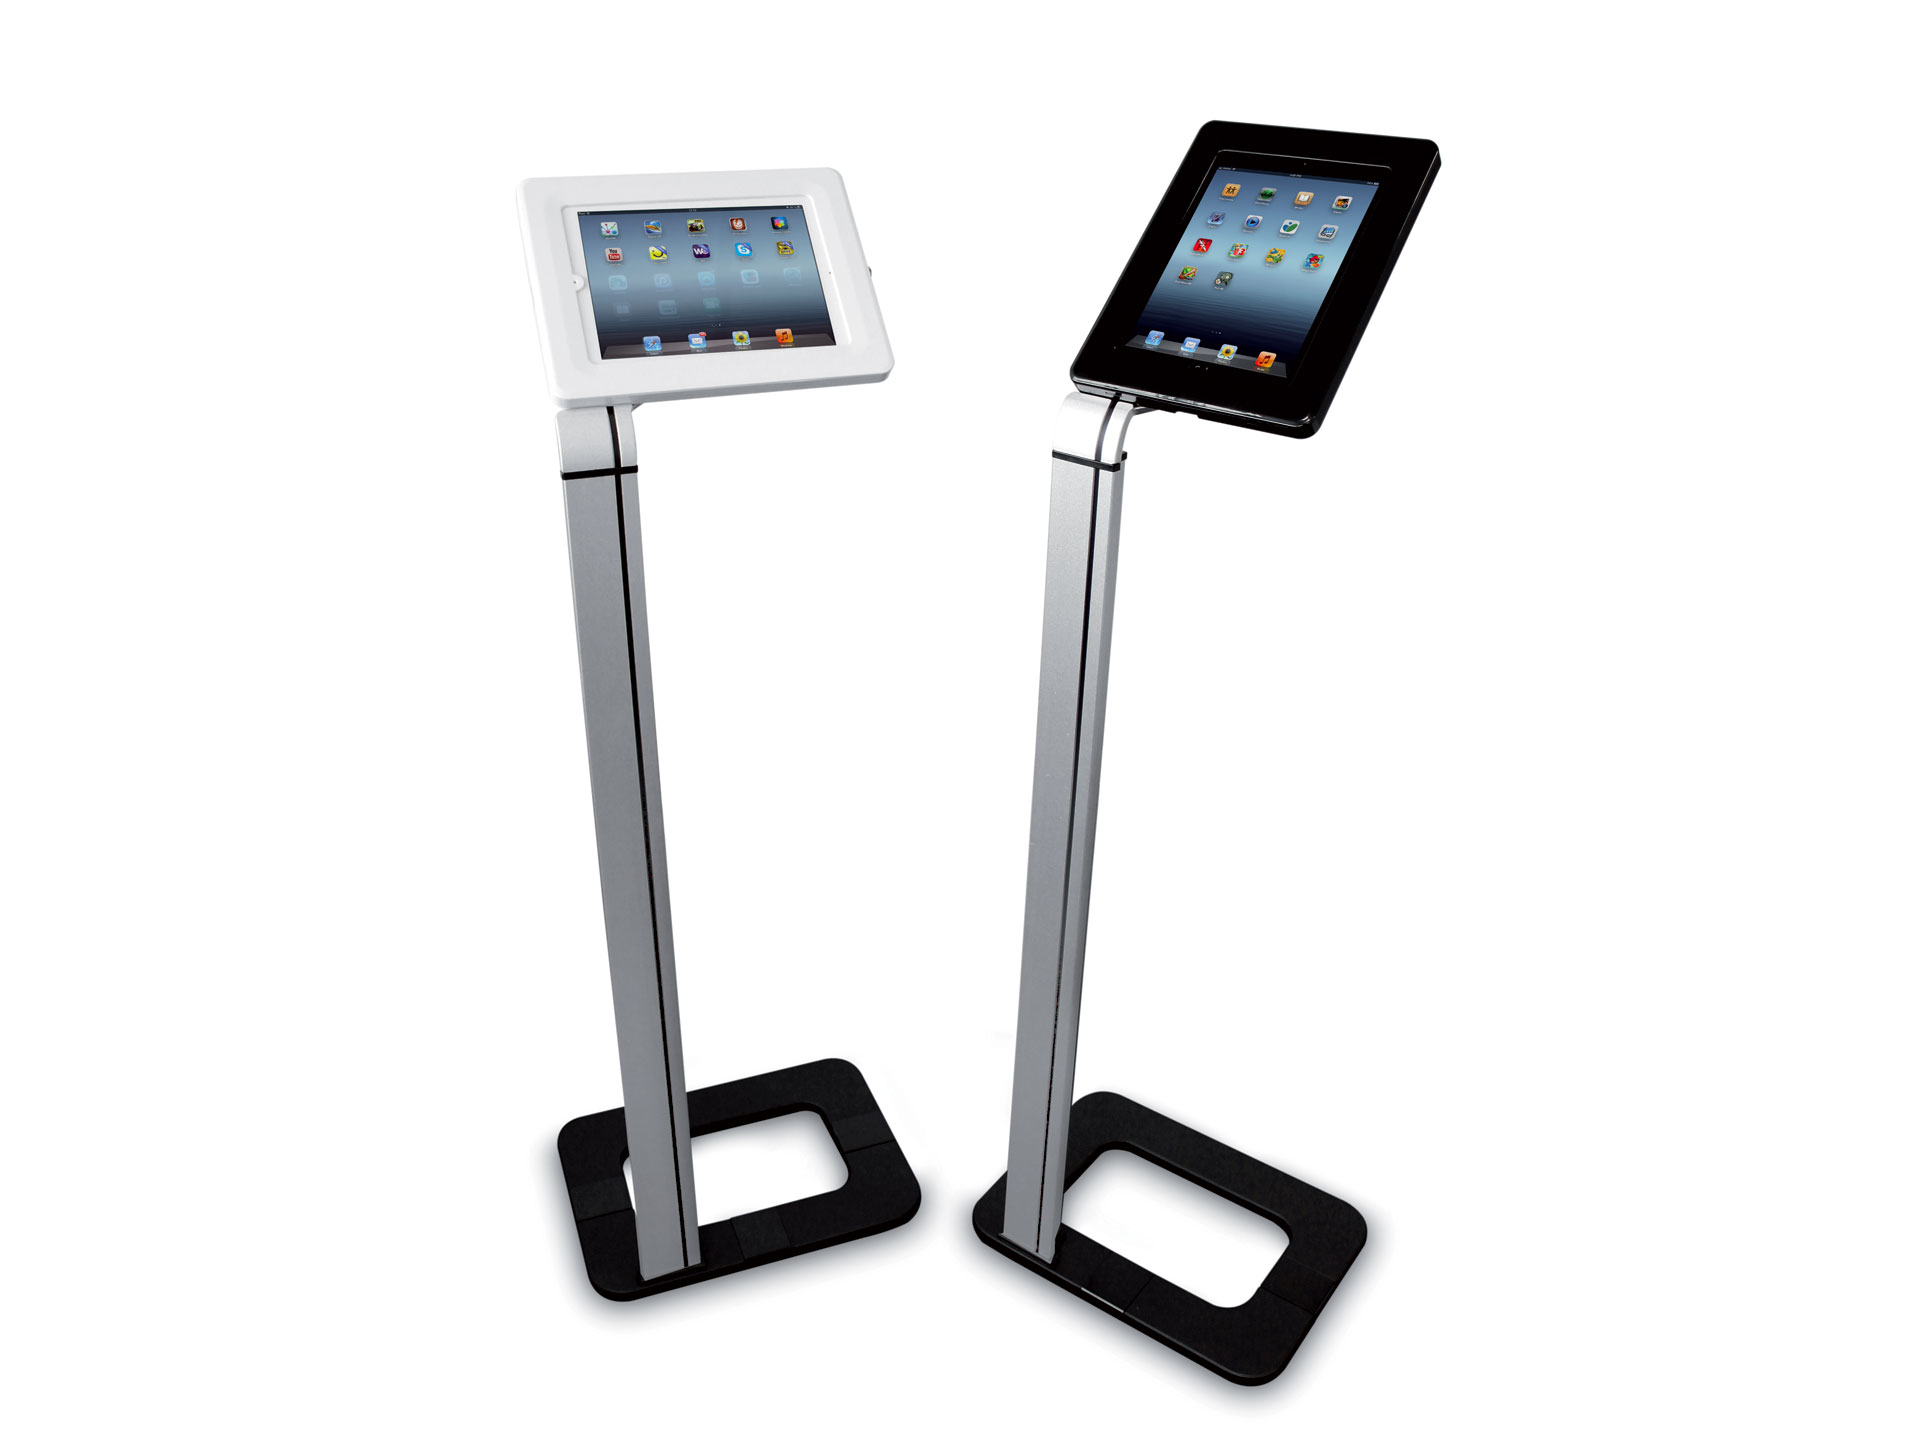 Porte-tablette sur pied pour stand, salons, foires et expositions